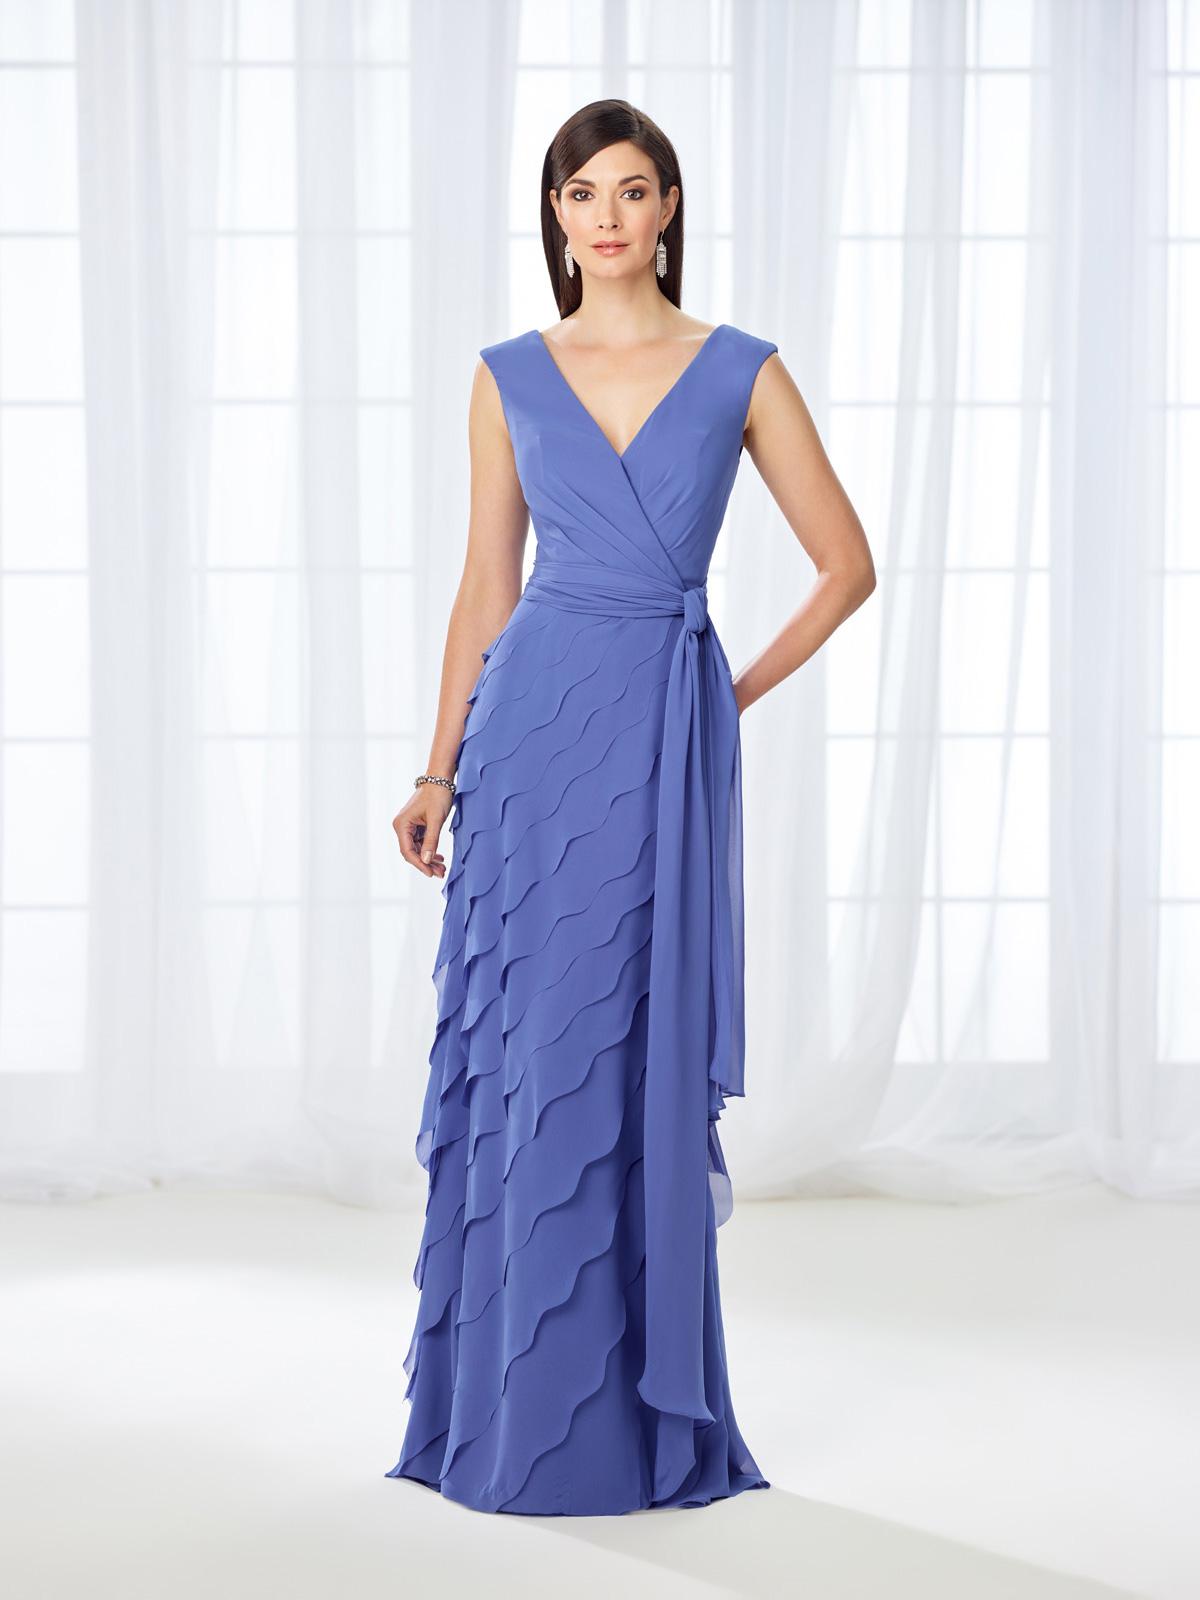 Vestido de Festa belo com decote V e corpo transpassado, detalhe de faixa na cintura e saia em camadas na diagonal confeccionada em chiffon.